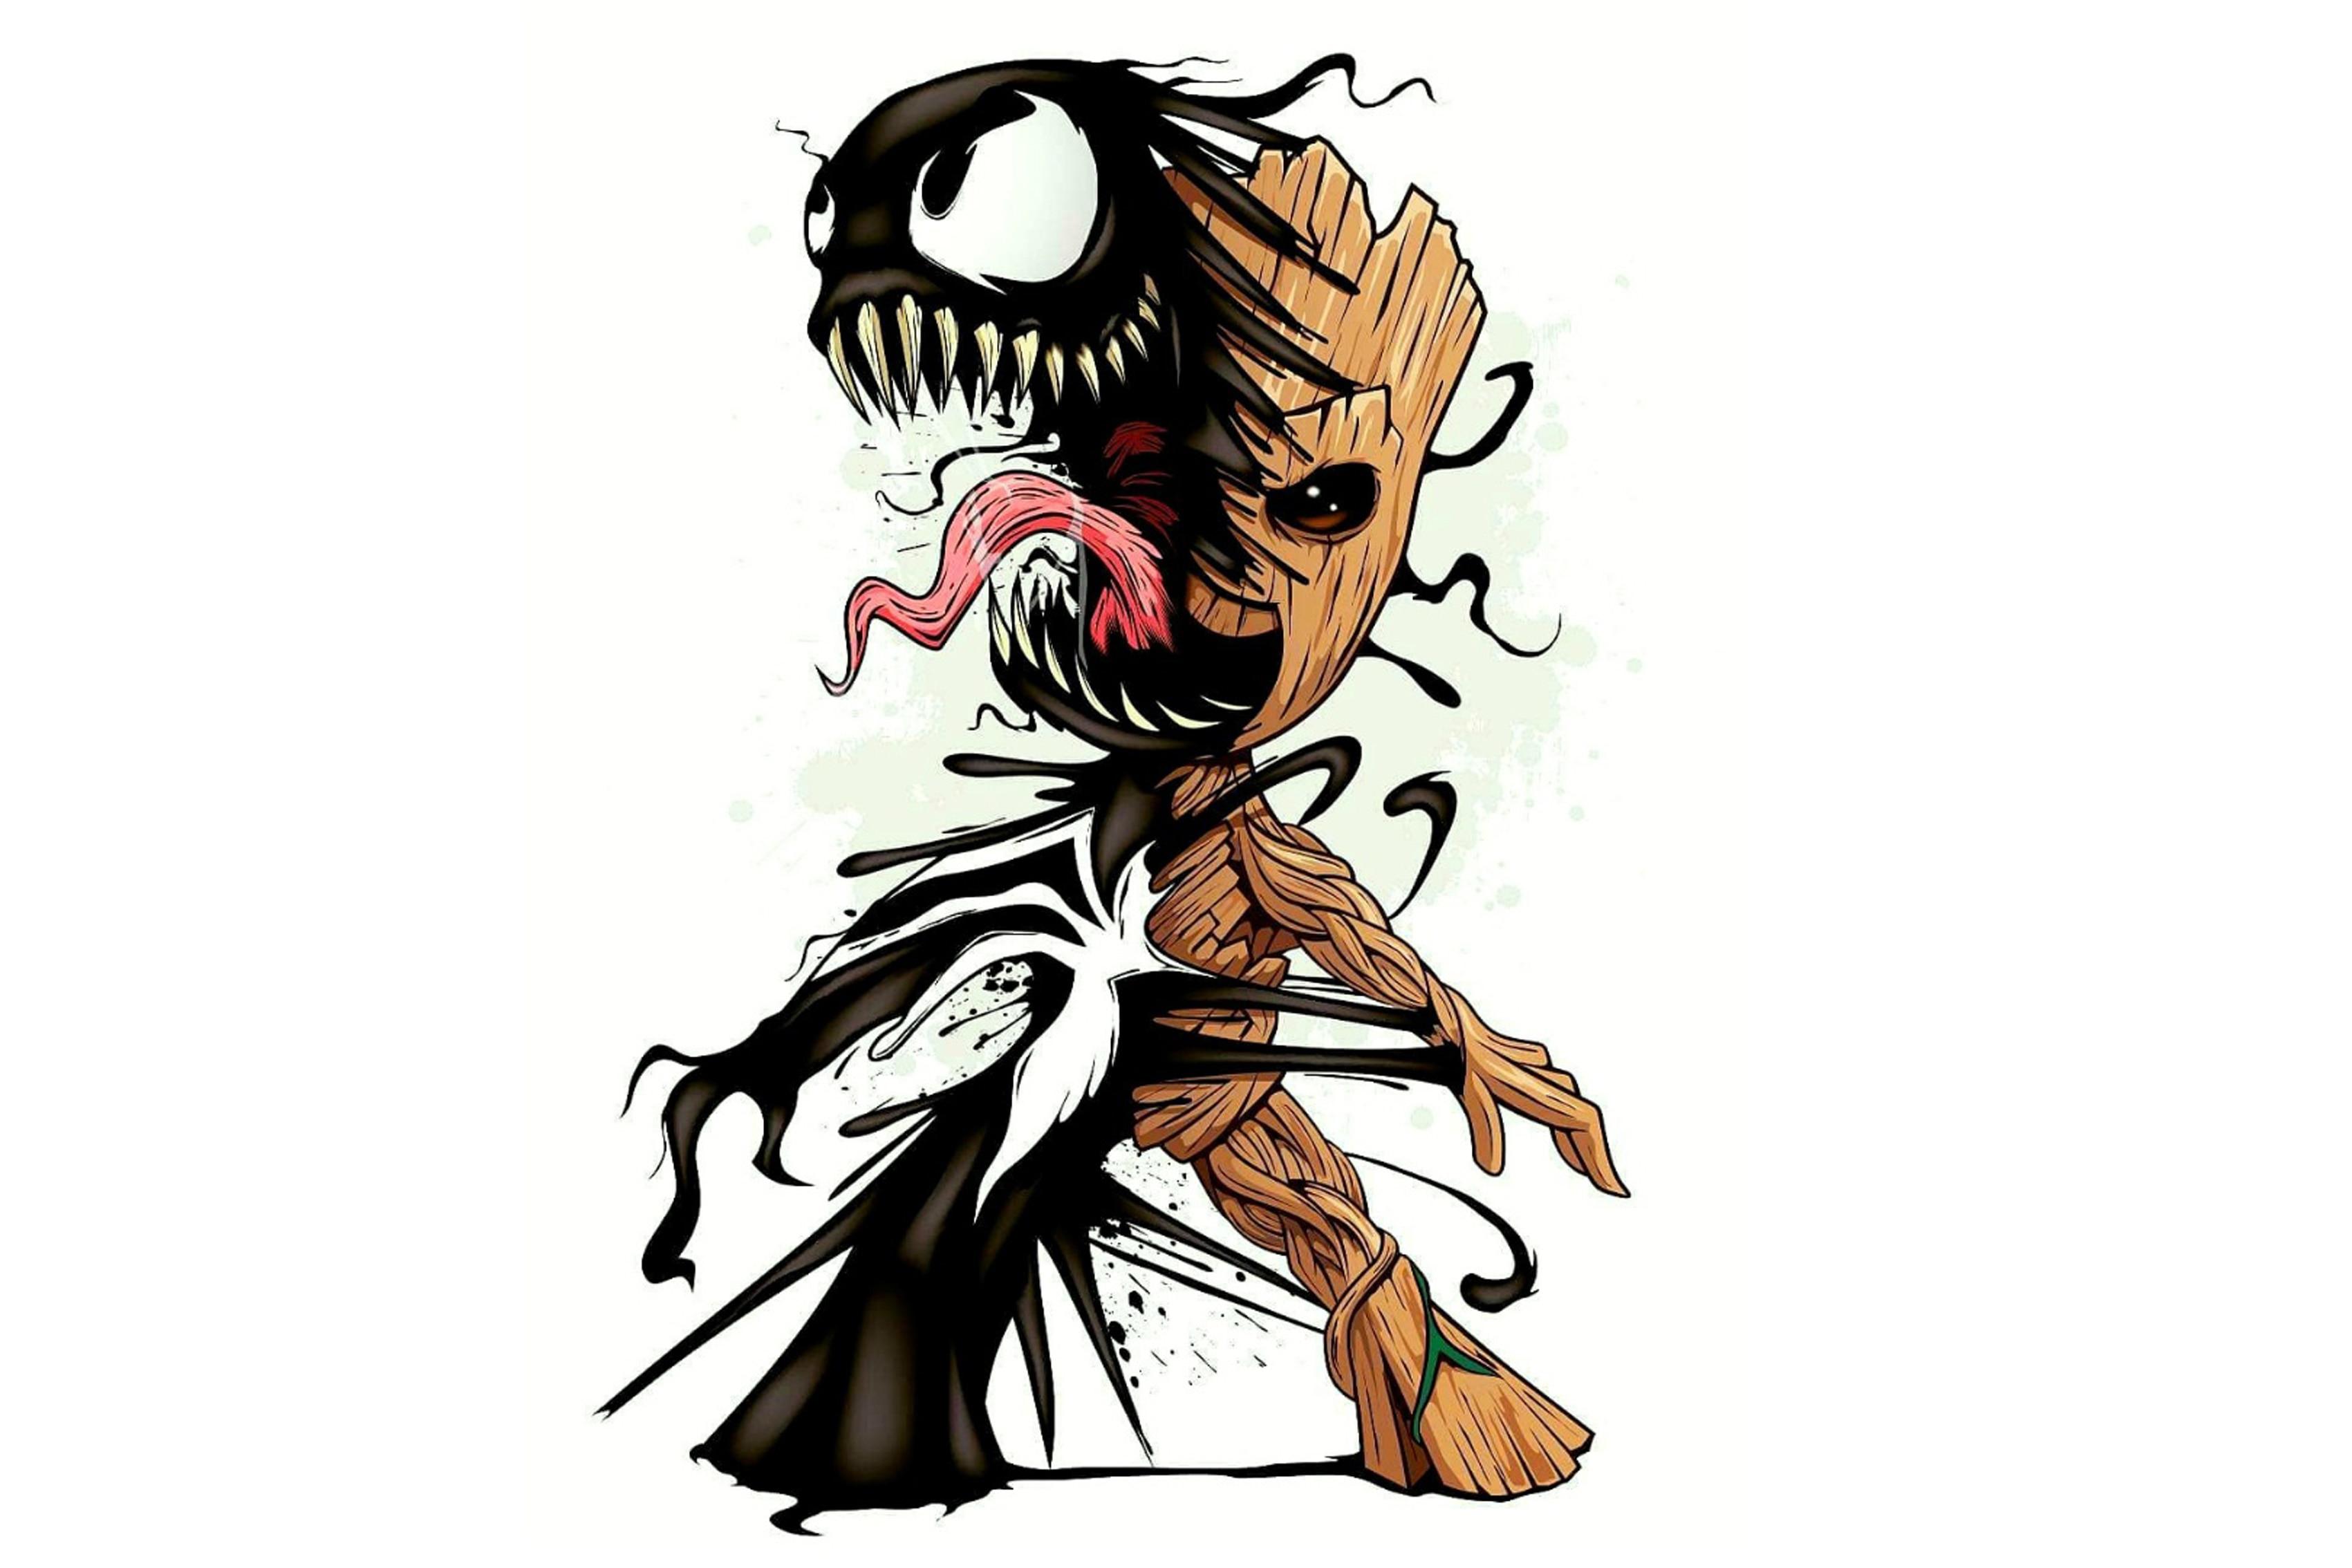 Украшение для дома marvel baby groot malysh grut venom simbiot Шелковый тканевый постер с принтом DM20200404